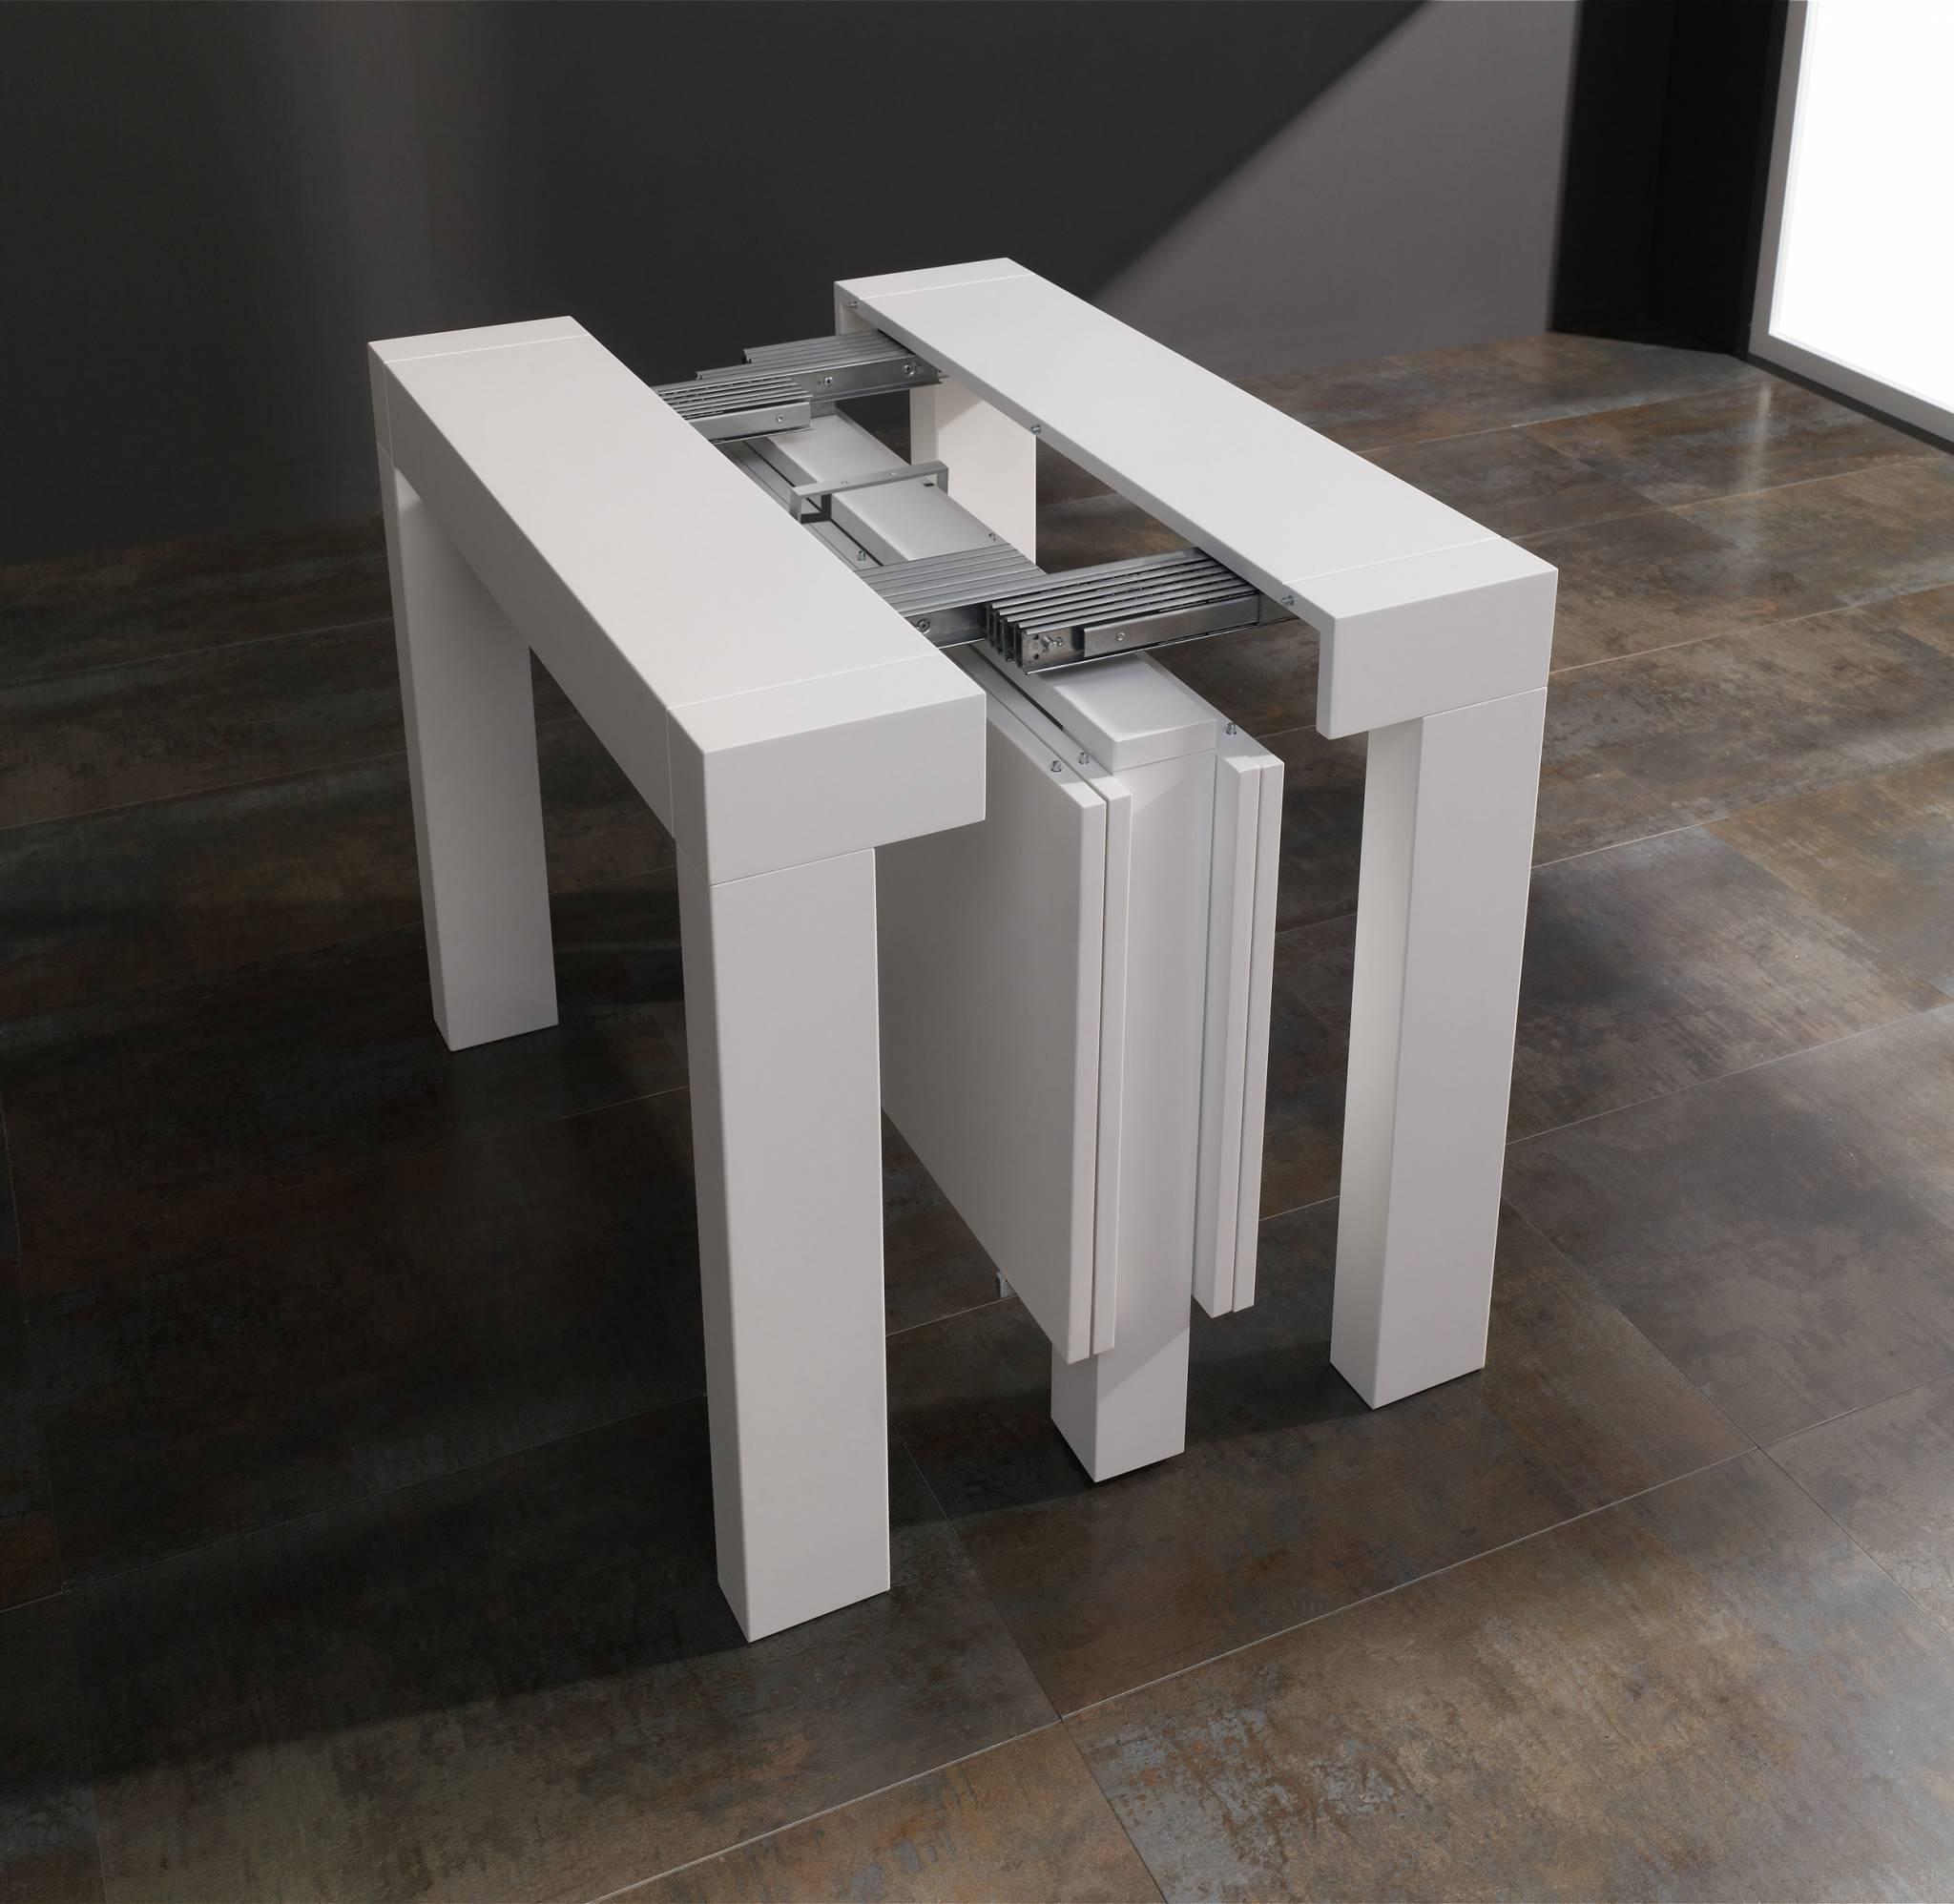 Mesa comedor consola extensible muebles d azmuebles d az - Mesas centro extensibles ...